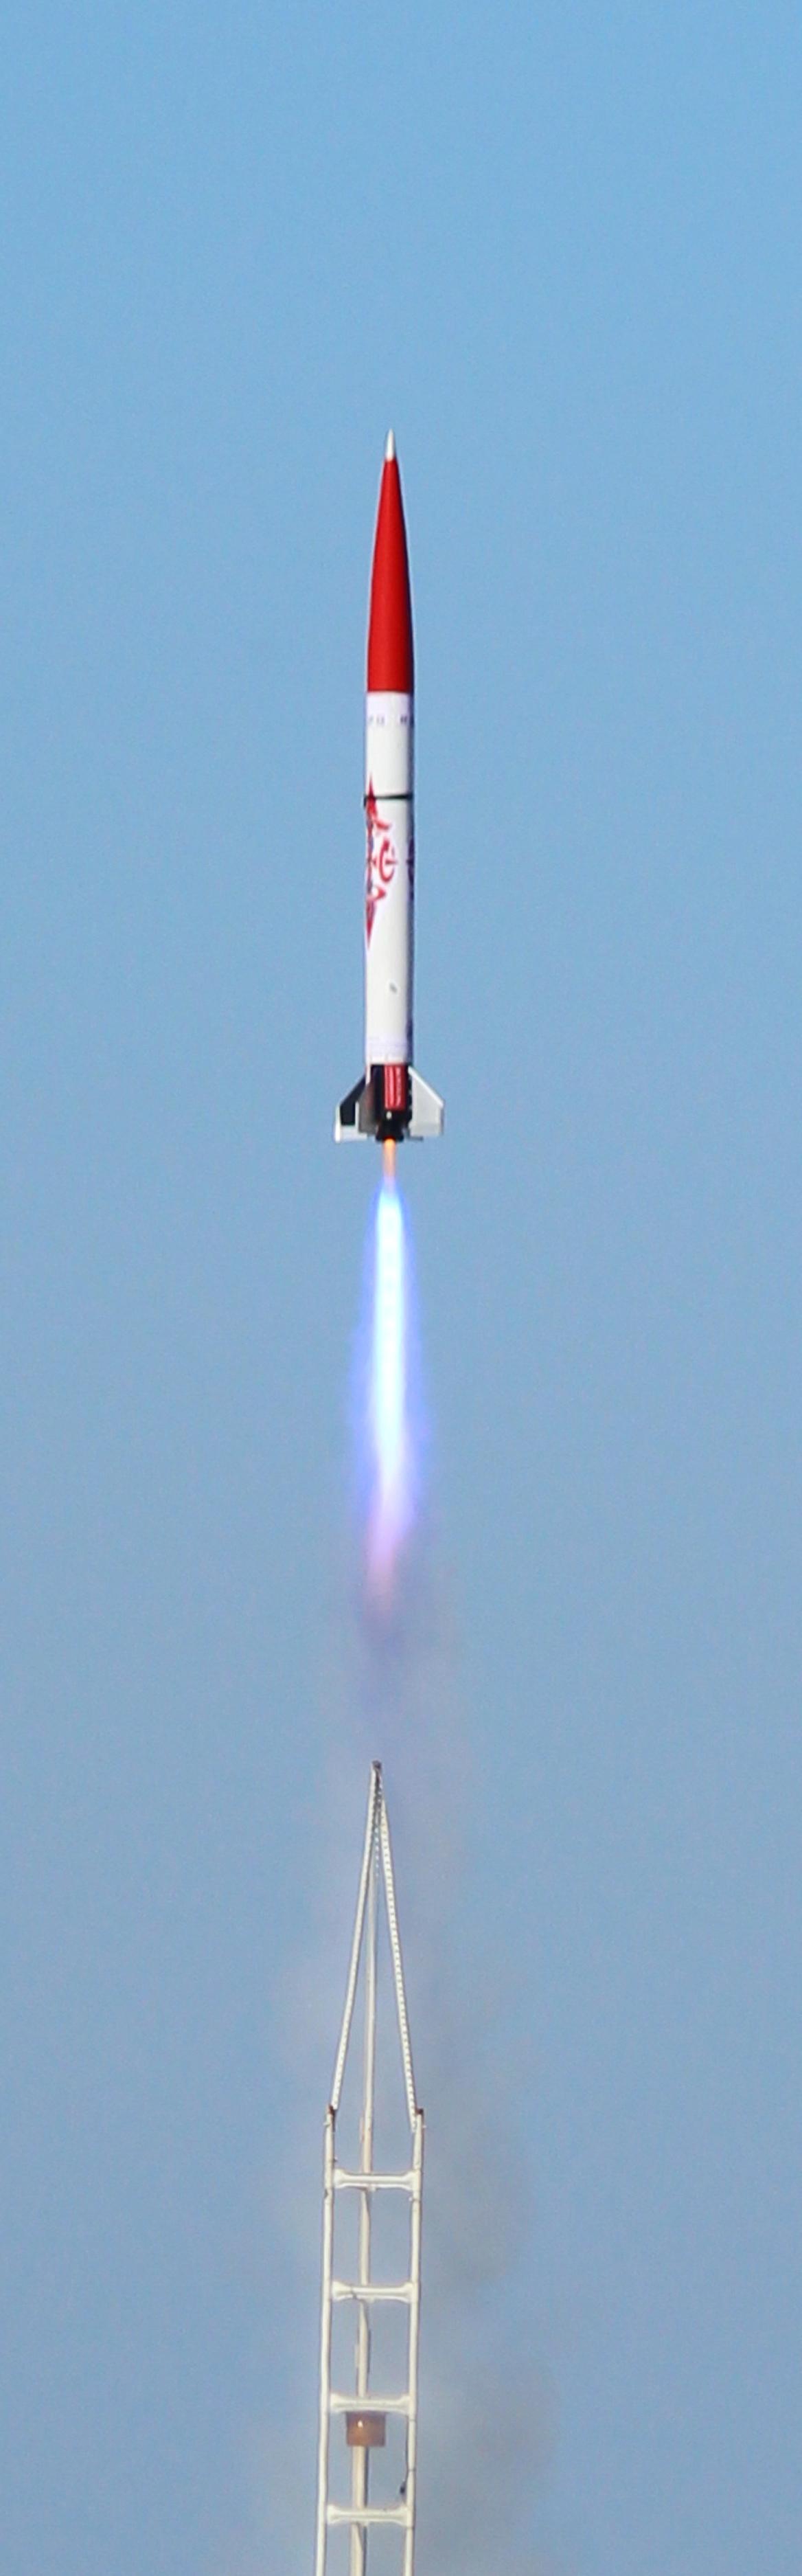 ASTRo_Liftoff full.jpg